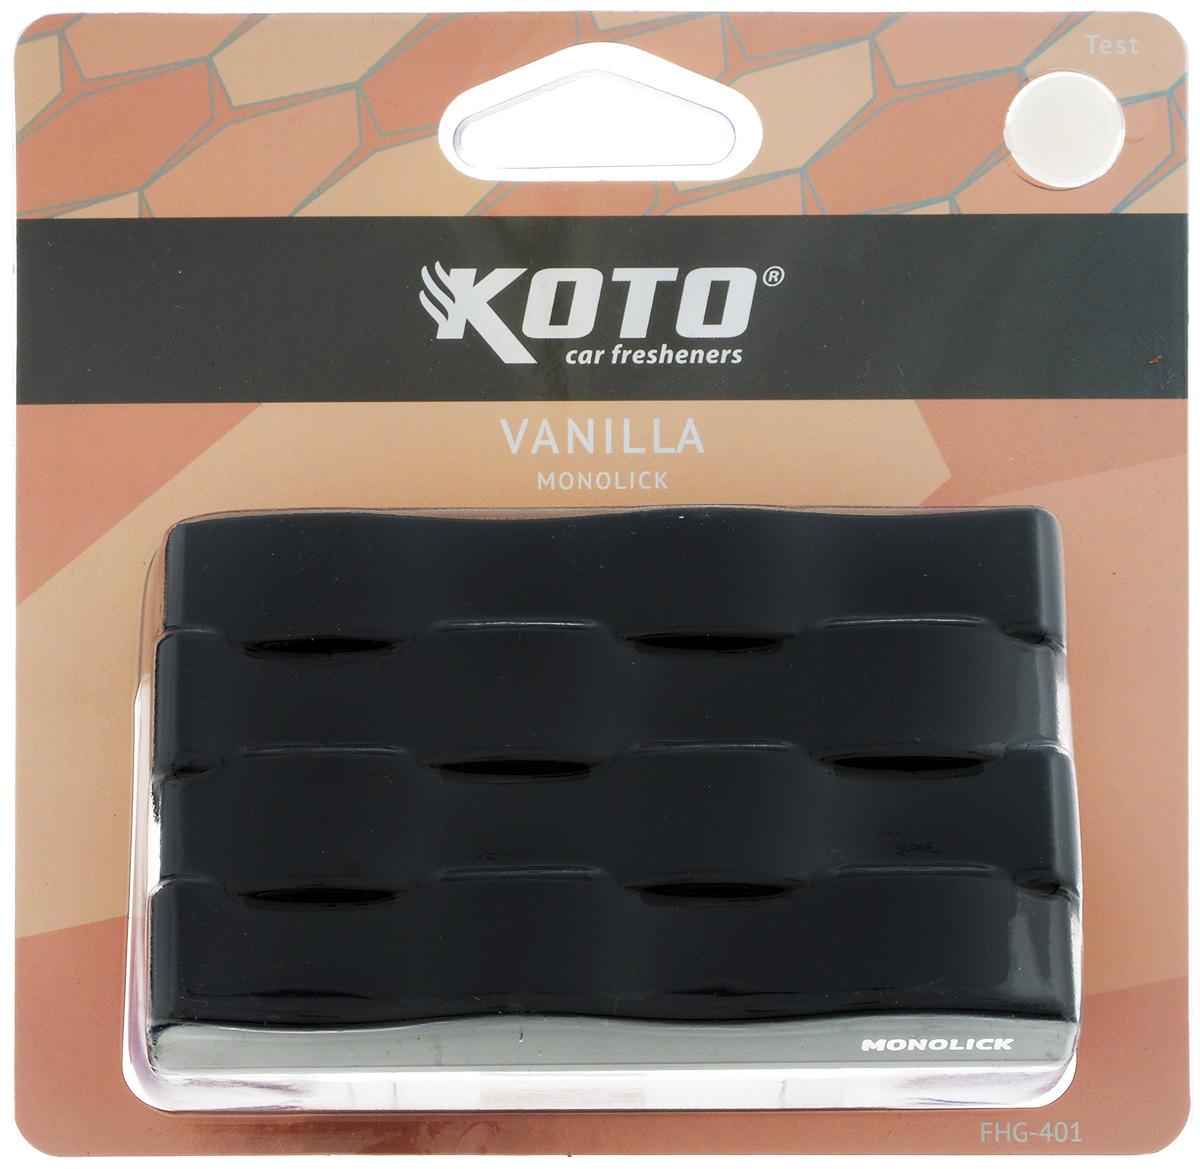 Ароматизатор автомобильный Koto Monolick. Vanilla, гелевый, 90 г93287516Автомобильный ароматизатор Koto Monolick. Vanilla эффективно устраняет неприятные запахи и придает приятный аромат. Сочетание геля с парфюмами наилучшего качества обеспечивает устойчивый запах. Кроме того, ароматизатор обладает элегантным дизайном. Благодаря специальной конструкции, изделие крепится на горизонтальную поверхность. Товар сертифицирован.